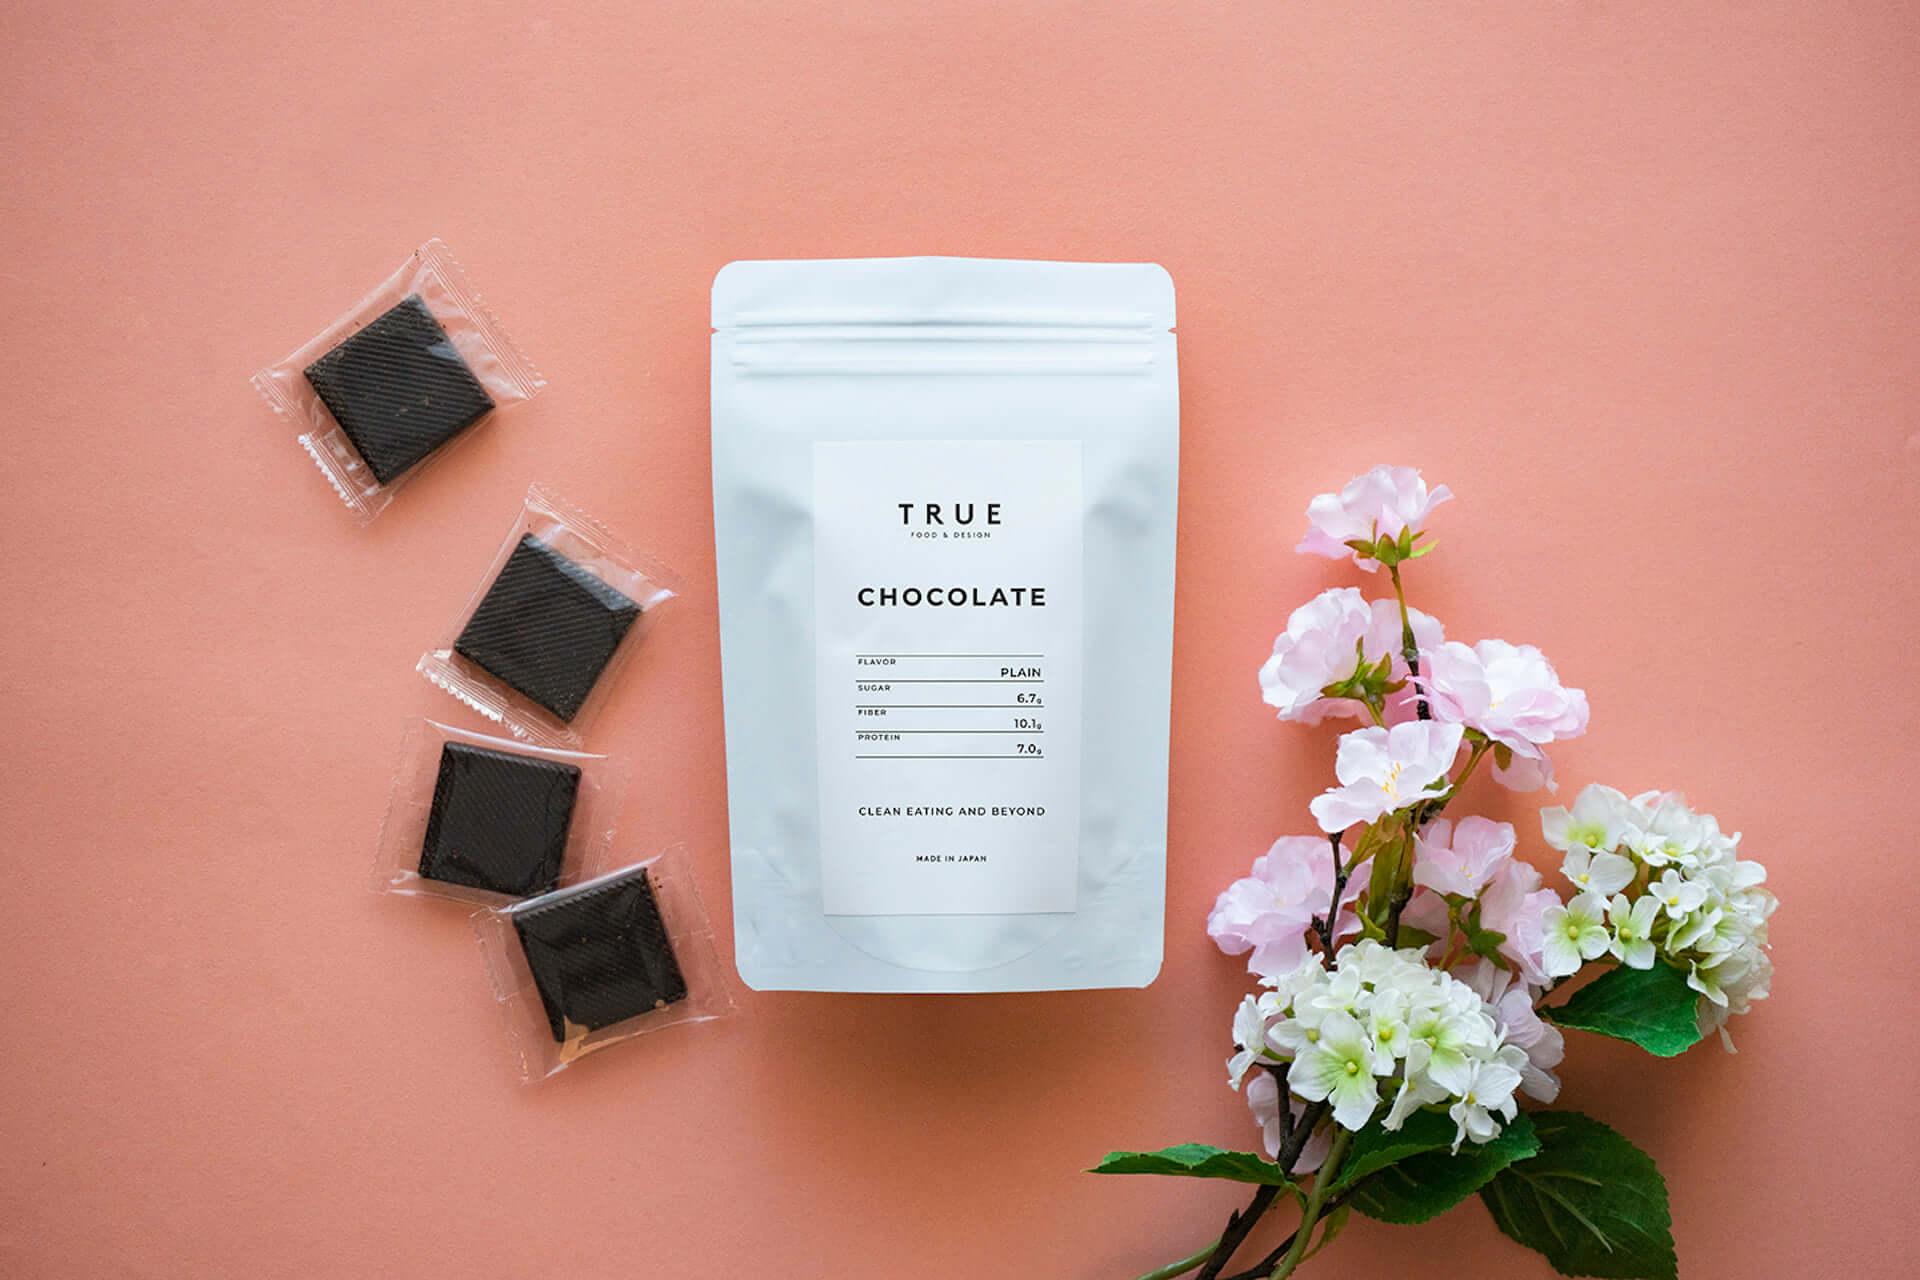 自然原料のみで作られた低糖質スーパーチョコレート『True Food Chocolate』が登場!期間限定のバレンタイン企画にて販売中 gourmet210203_true-food-chocolate_1-1920x1280